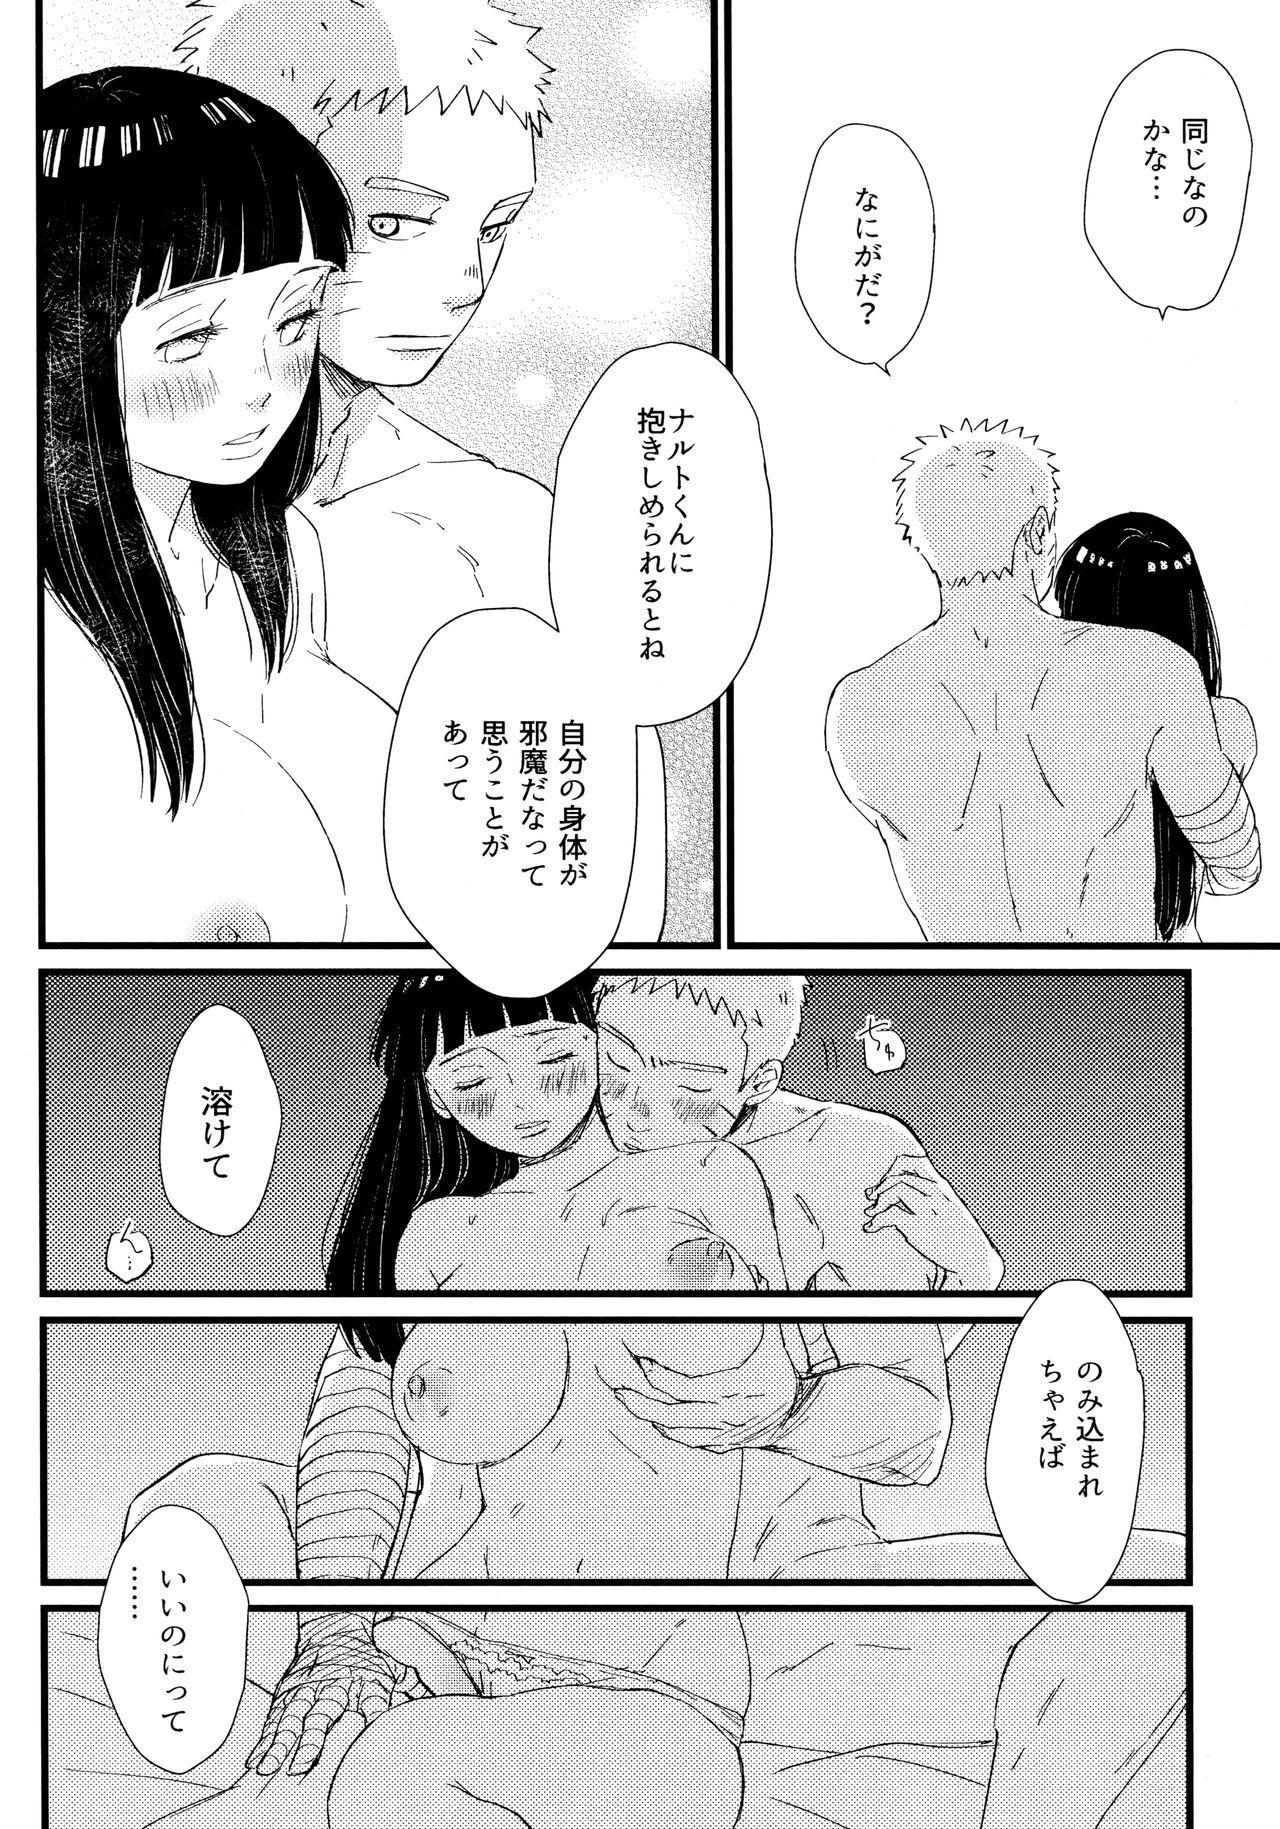 Koiwo Shiteiru Karada 1 + 2 51